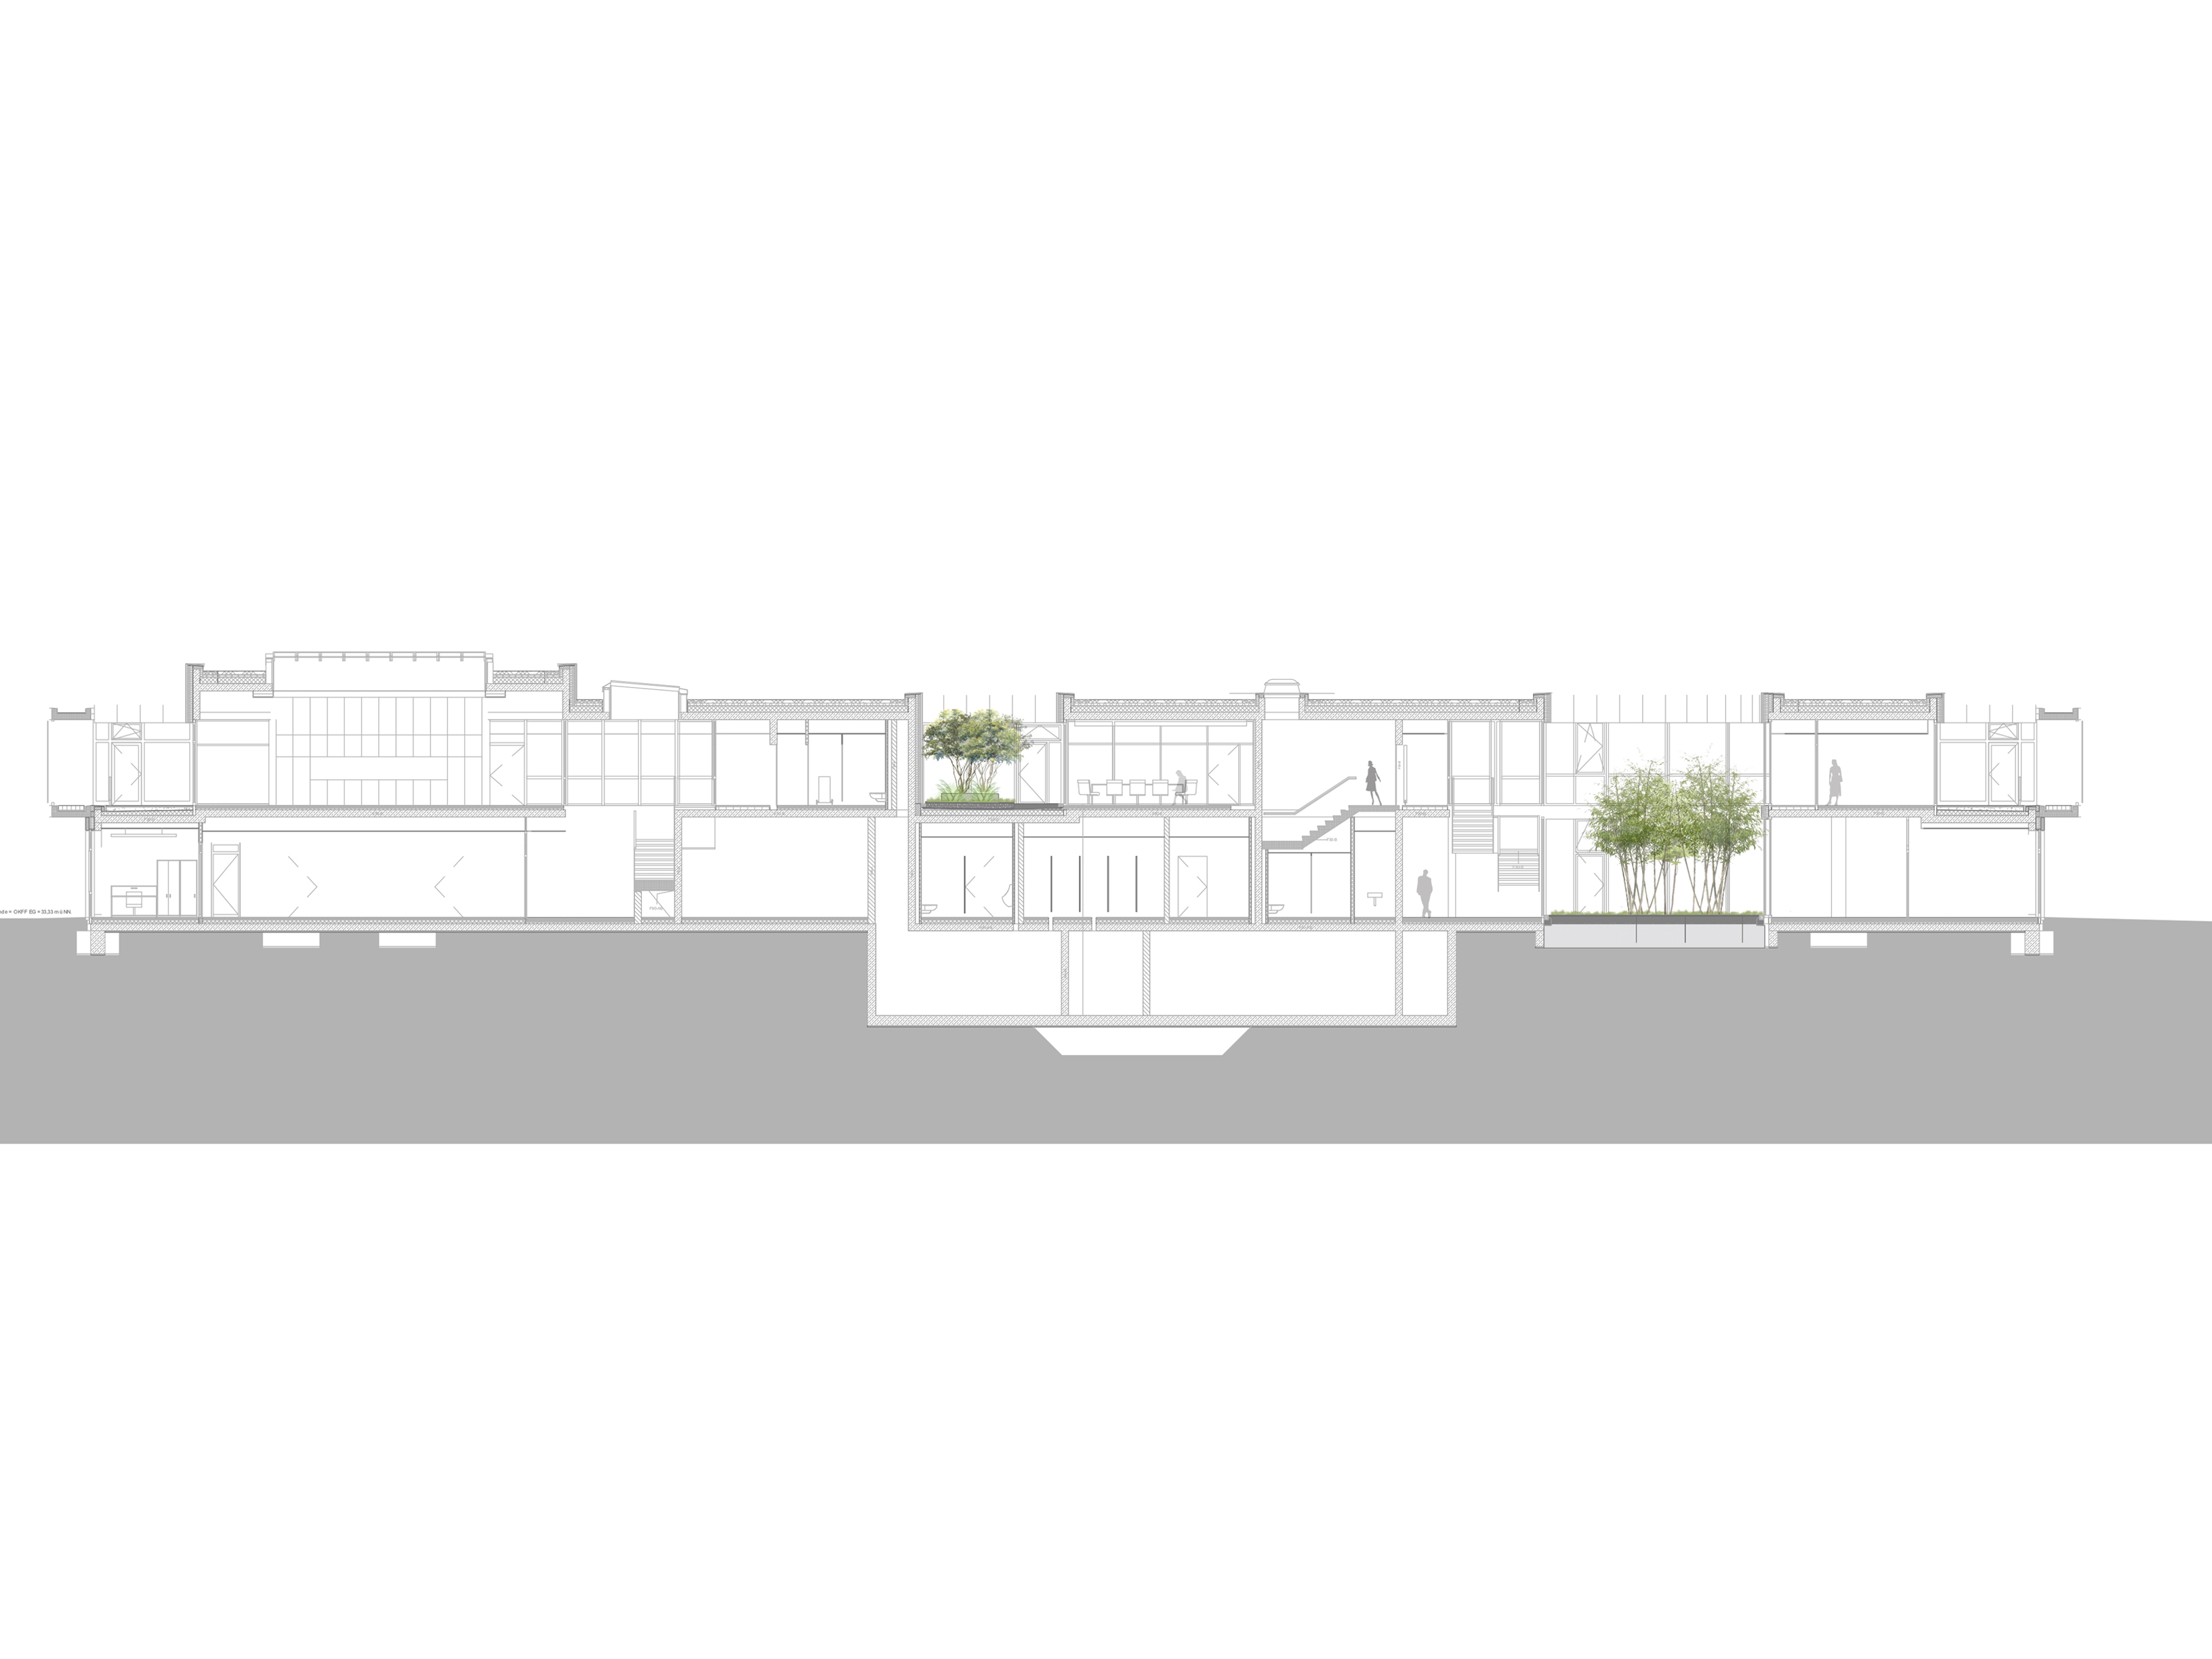 BWB_Vorentwurf_Baufeld-Innenhof-Schnitt-Bestand-aussenanlagen-armbruster-landschaftsarchitektur